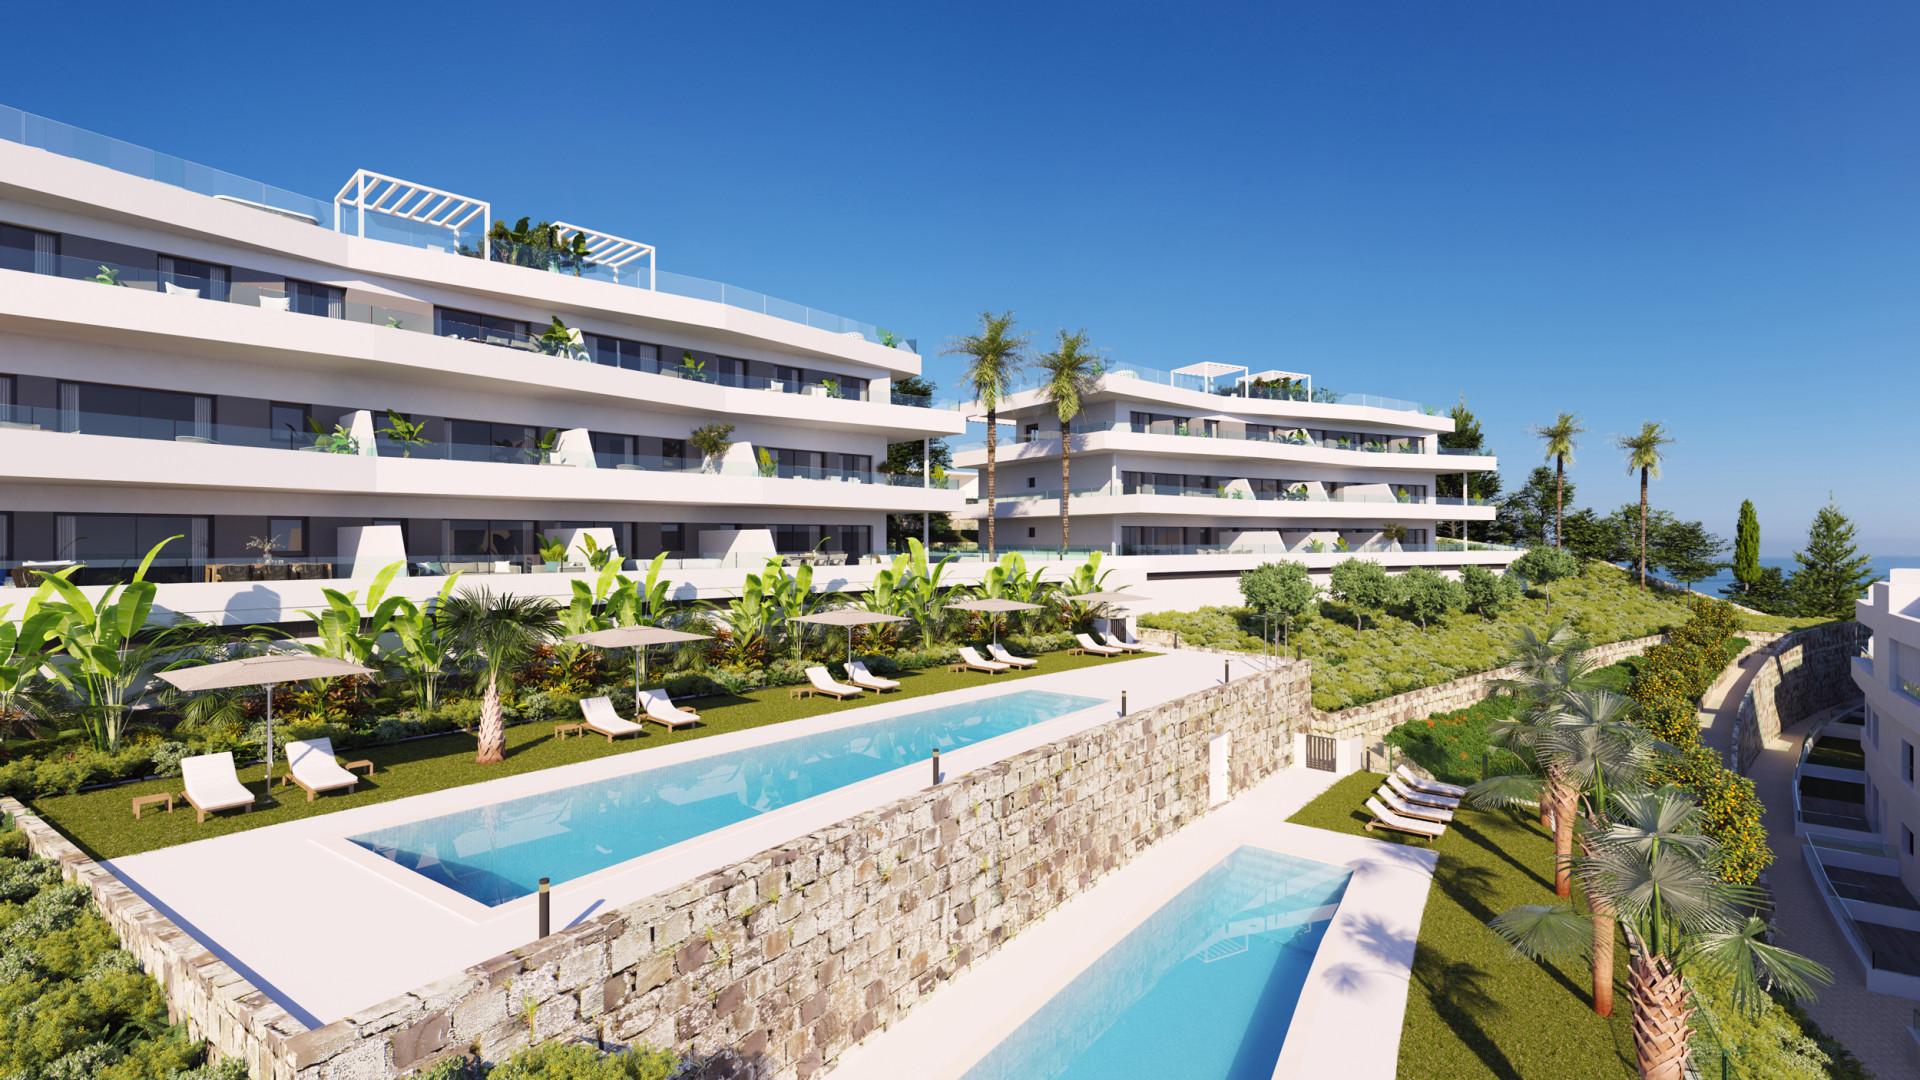 Spectaculair uitzicht op zee vanuit deze nieuwe terrasappartementen bij Estepona.PL148